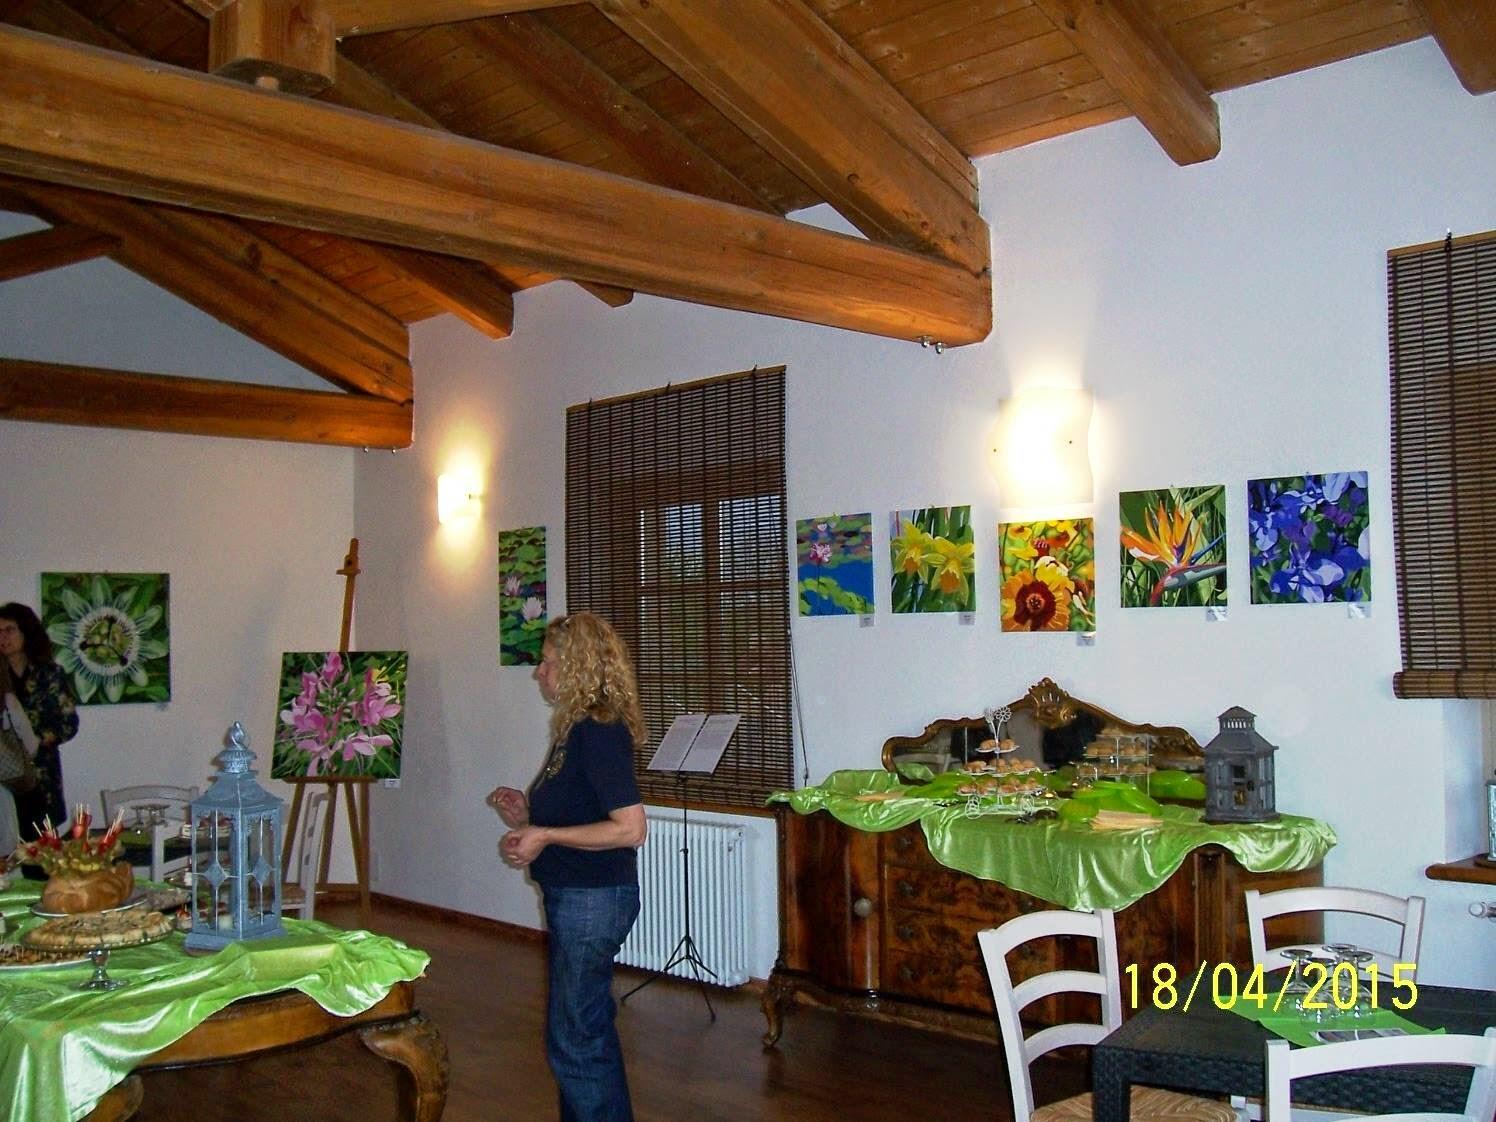 Spazio colorato esposizione a la casa di alice - Migliore esposizione casa ...